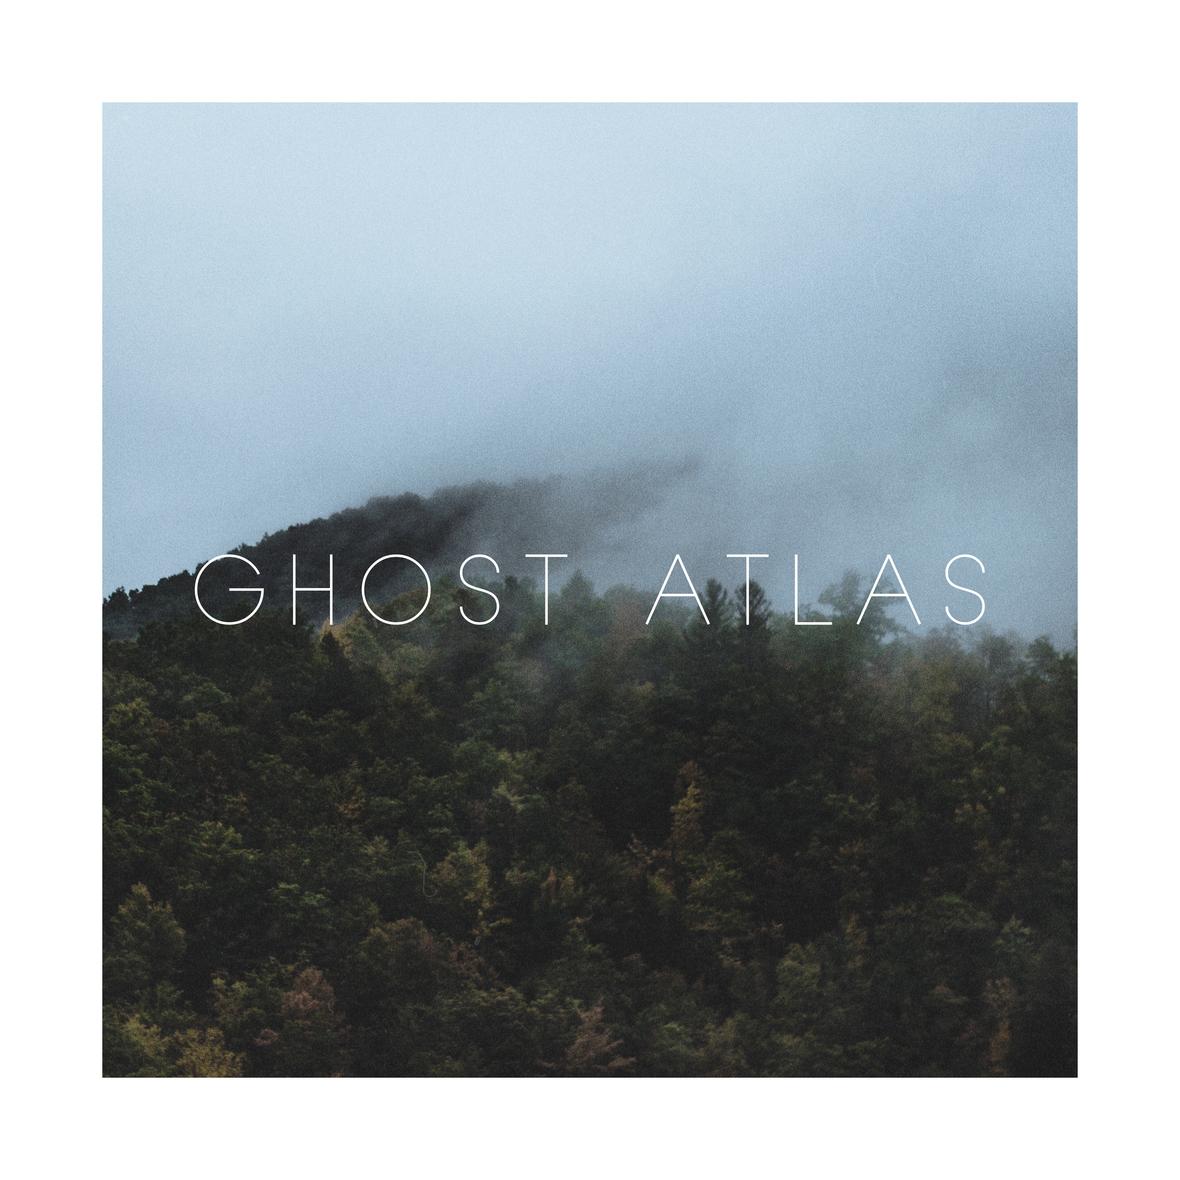 ghostatlas album cover web